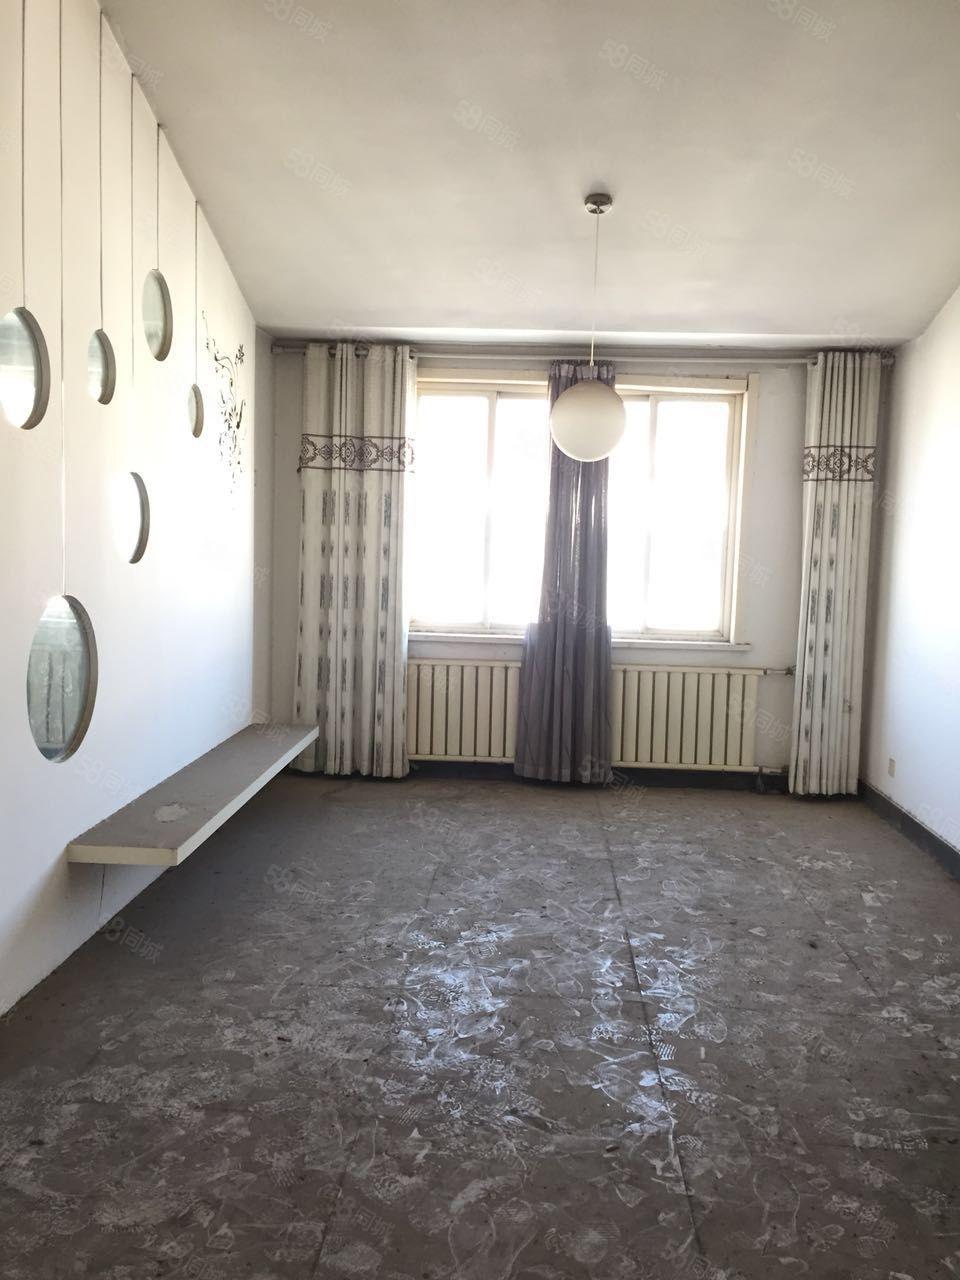 府前花园6楼2室2厅带37平大车库,精装修,一手房,需全款